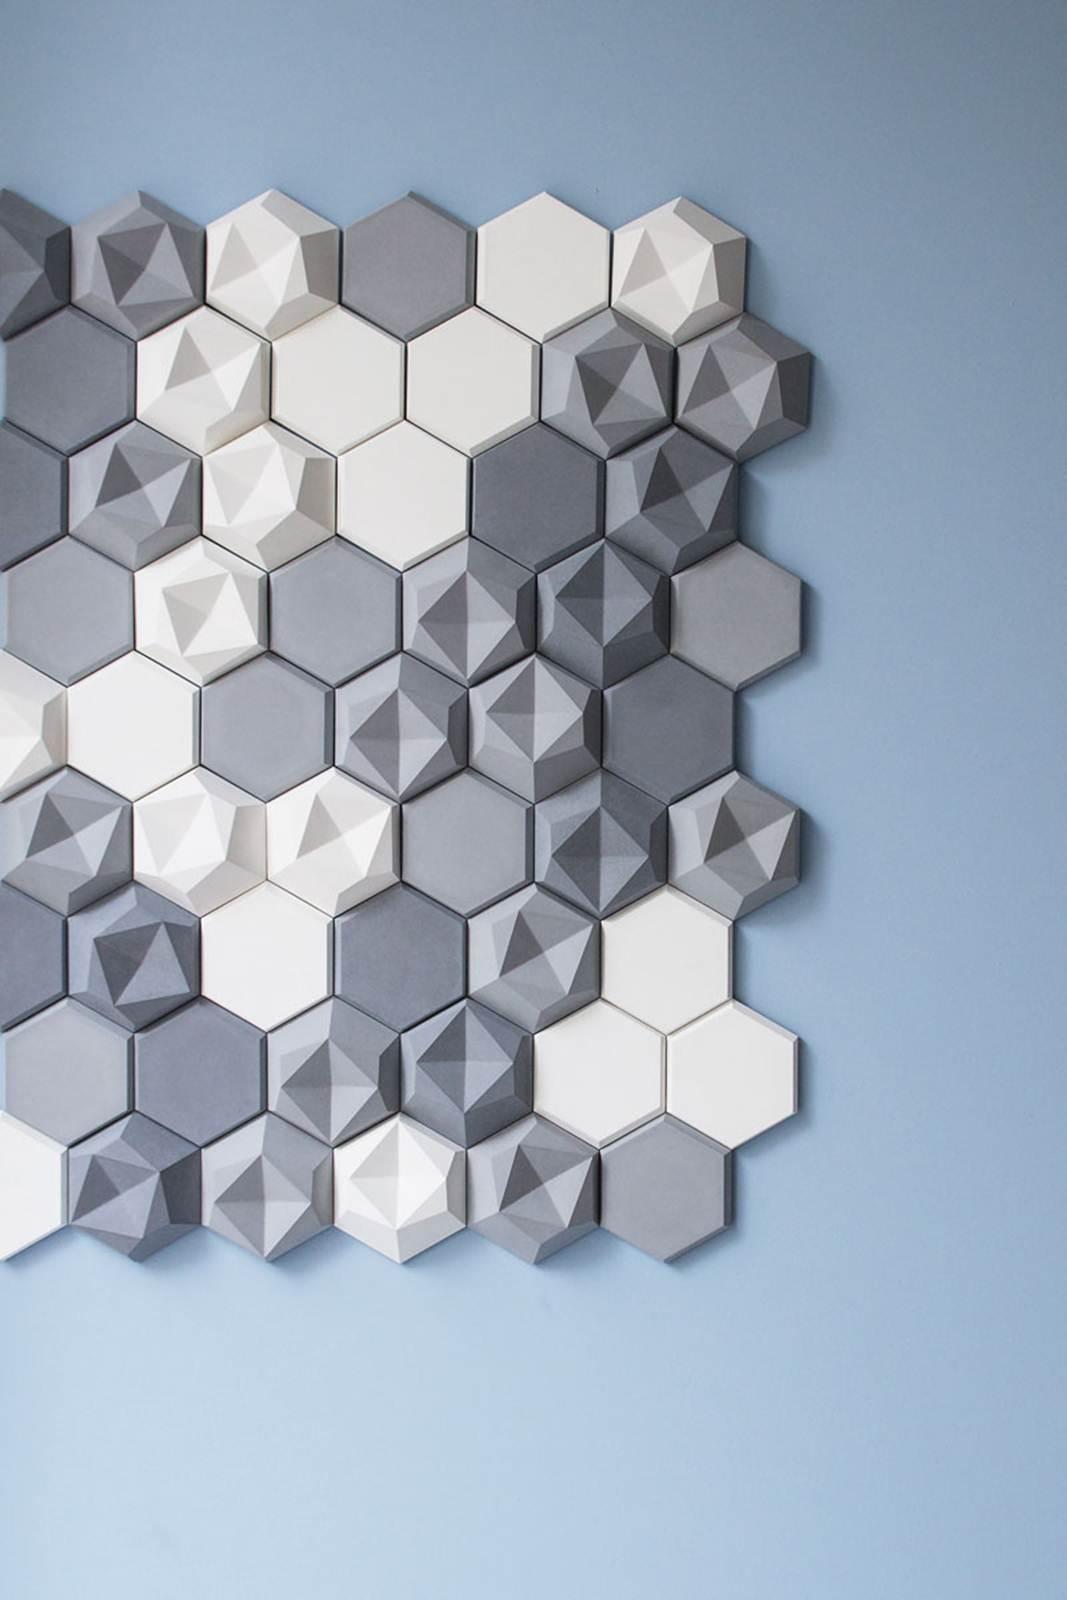 232558baoxaydung image013 Độc đáo gạch trang trí hình lục giác, ý tưởng thiết kế đặc biệt